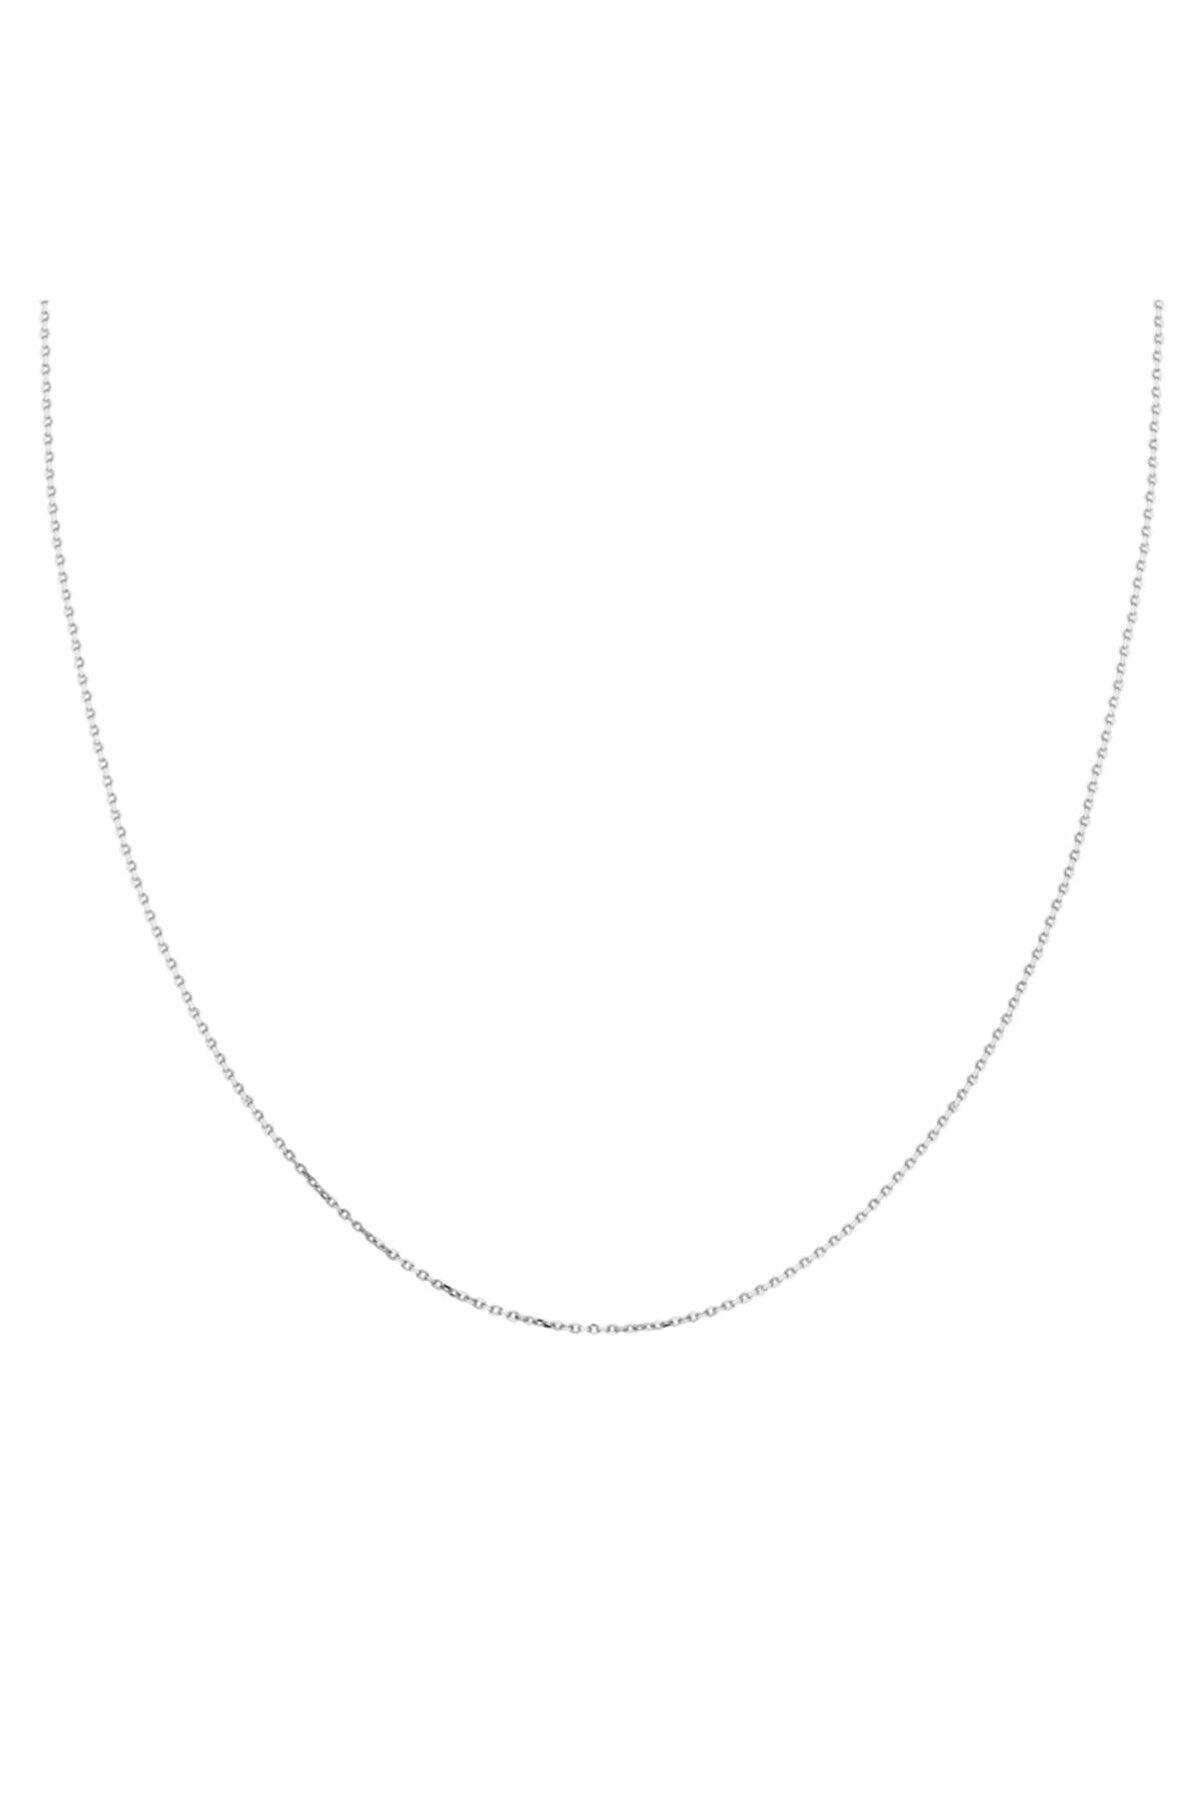 Glorria Kadın Altın 20 Mikron Beyaz Forse Zincir